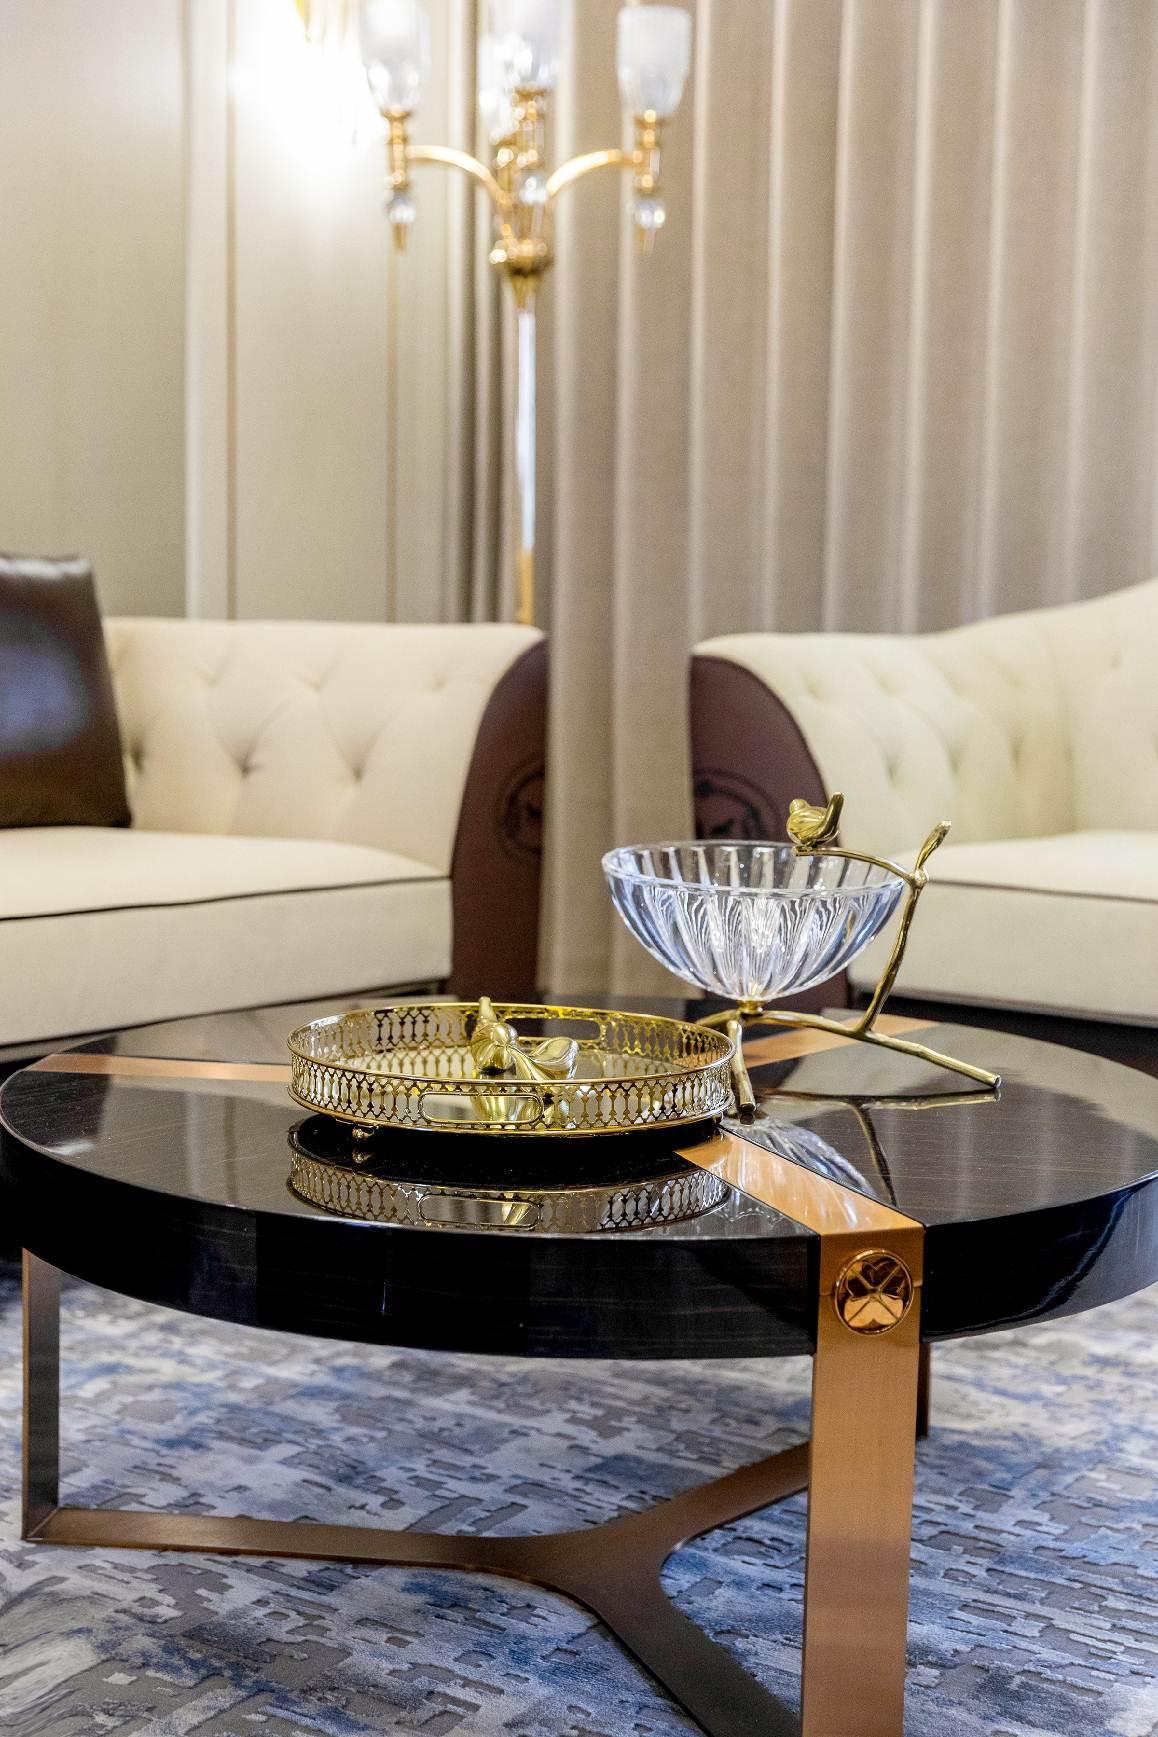 现代轻奢-龙泊湾-平层-220㎡装修实景效果图装修-三室两厅-现代简约